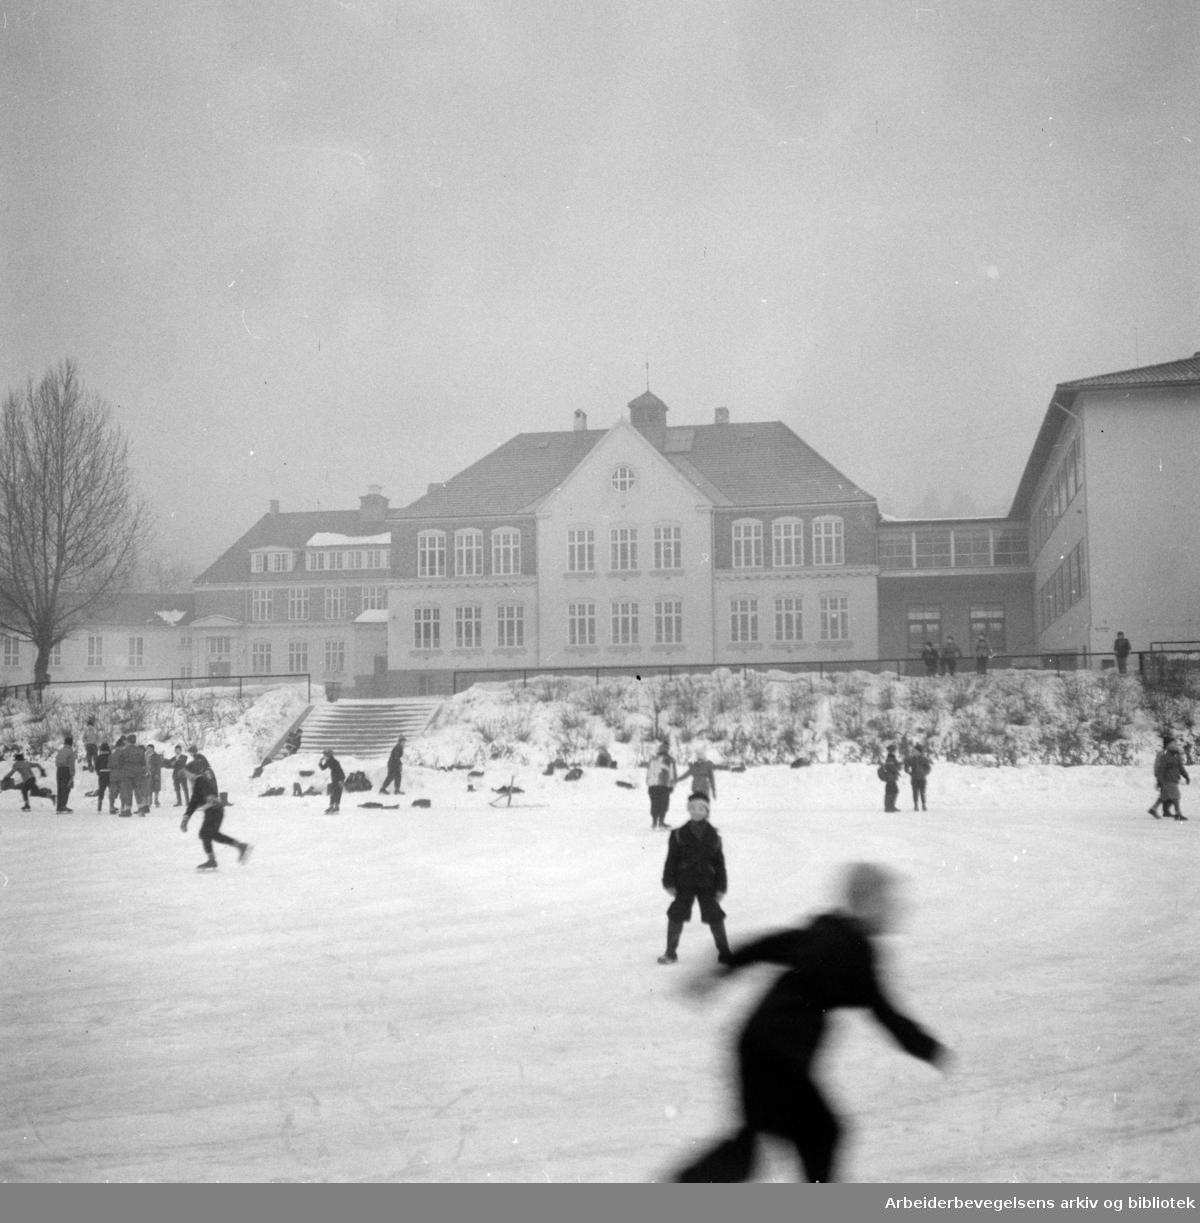 Tåsen skole. Januar 1953